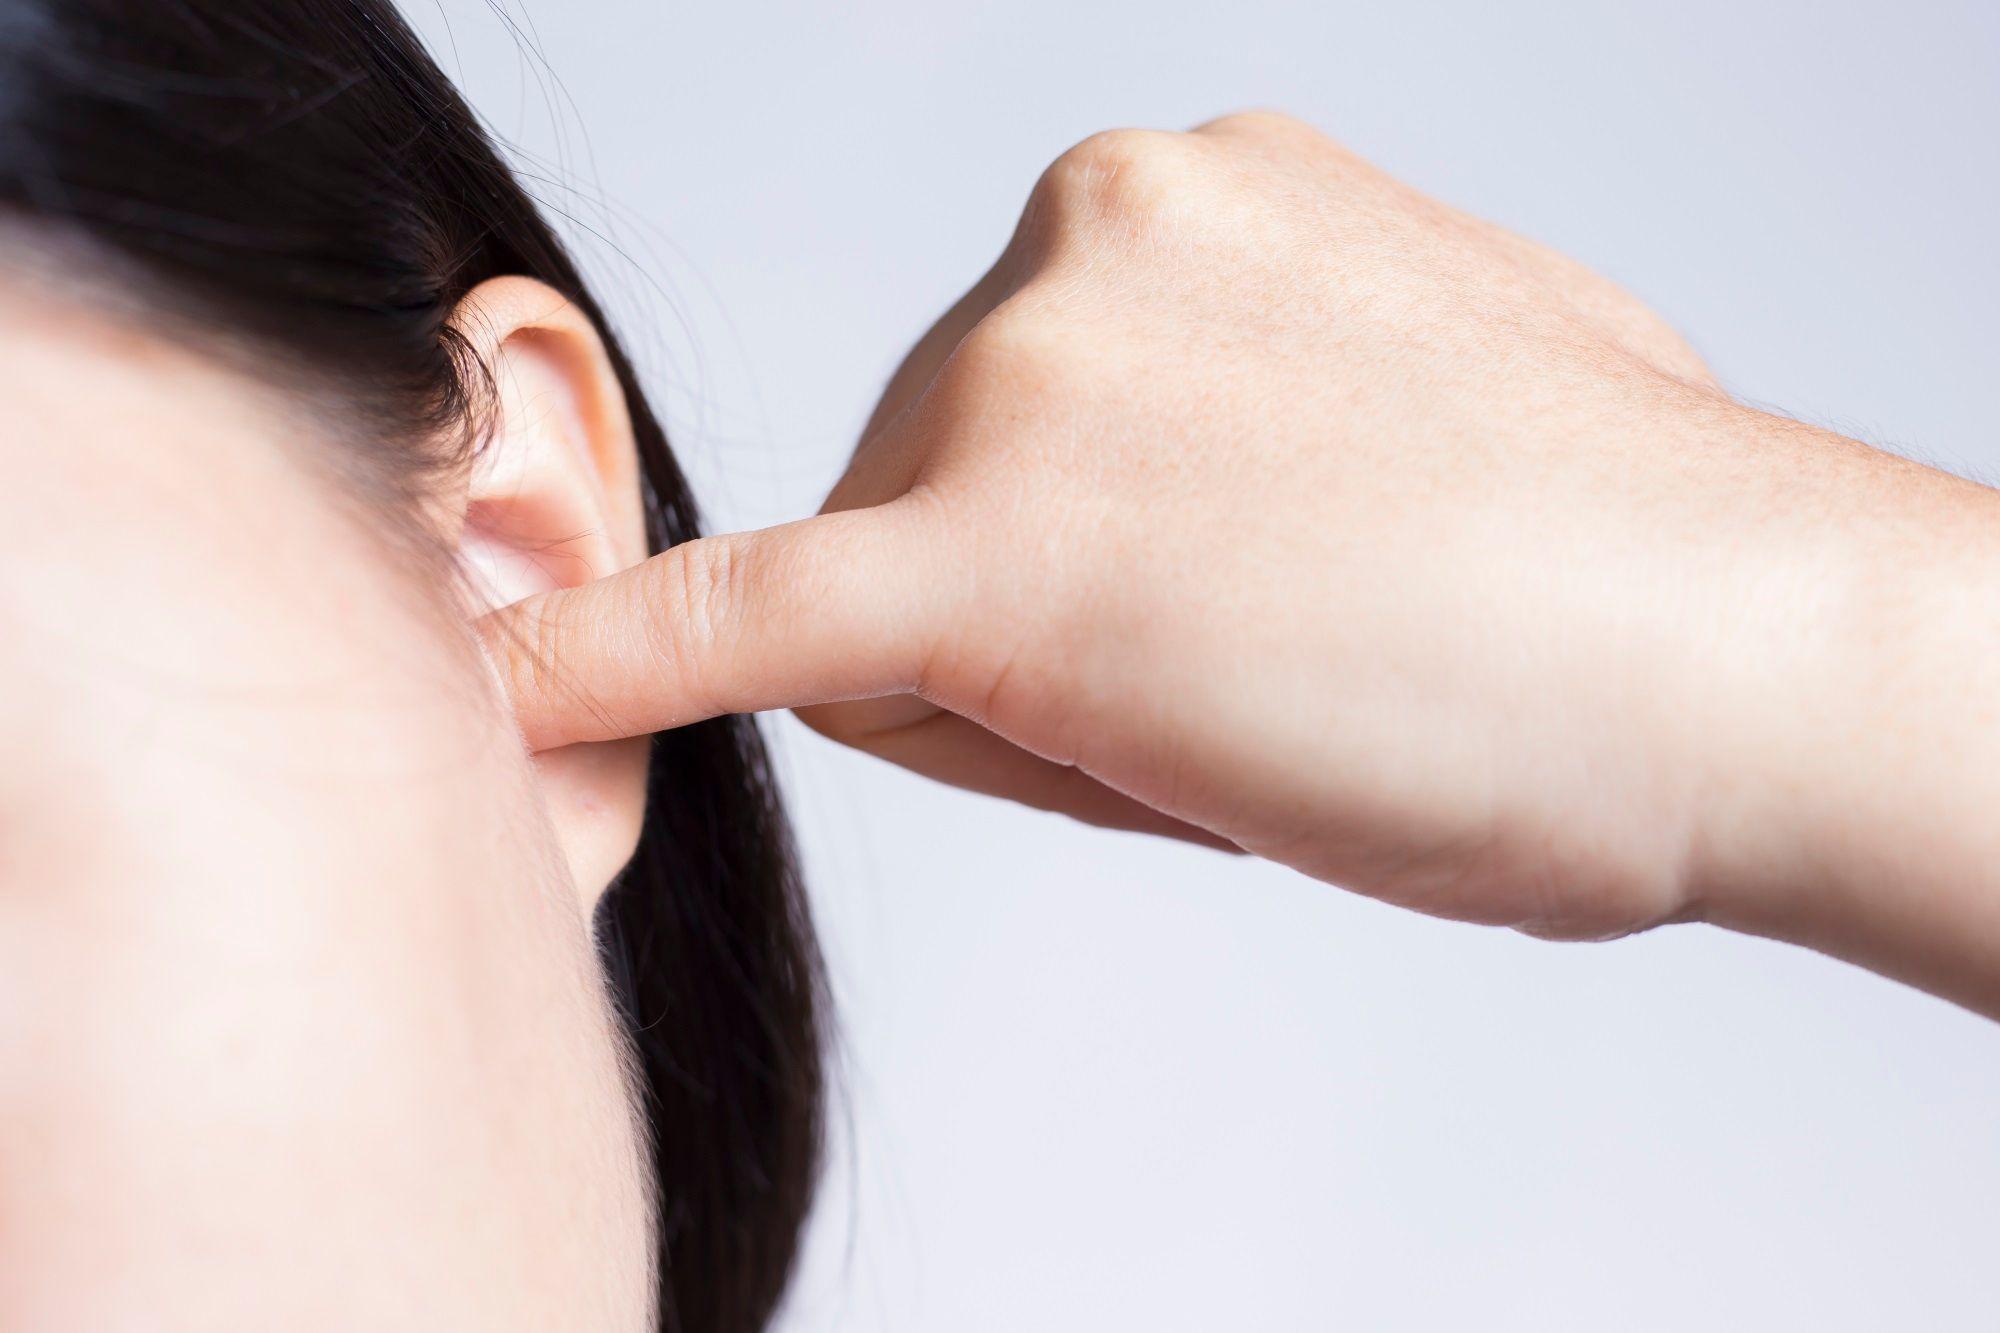 Eau Dans L'oreille - Sensation D'eau Dans L'oreille – Doctissimo serapportantà Oreille Bouchée Piscine